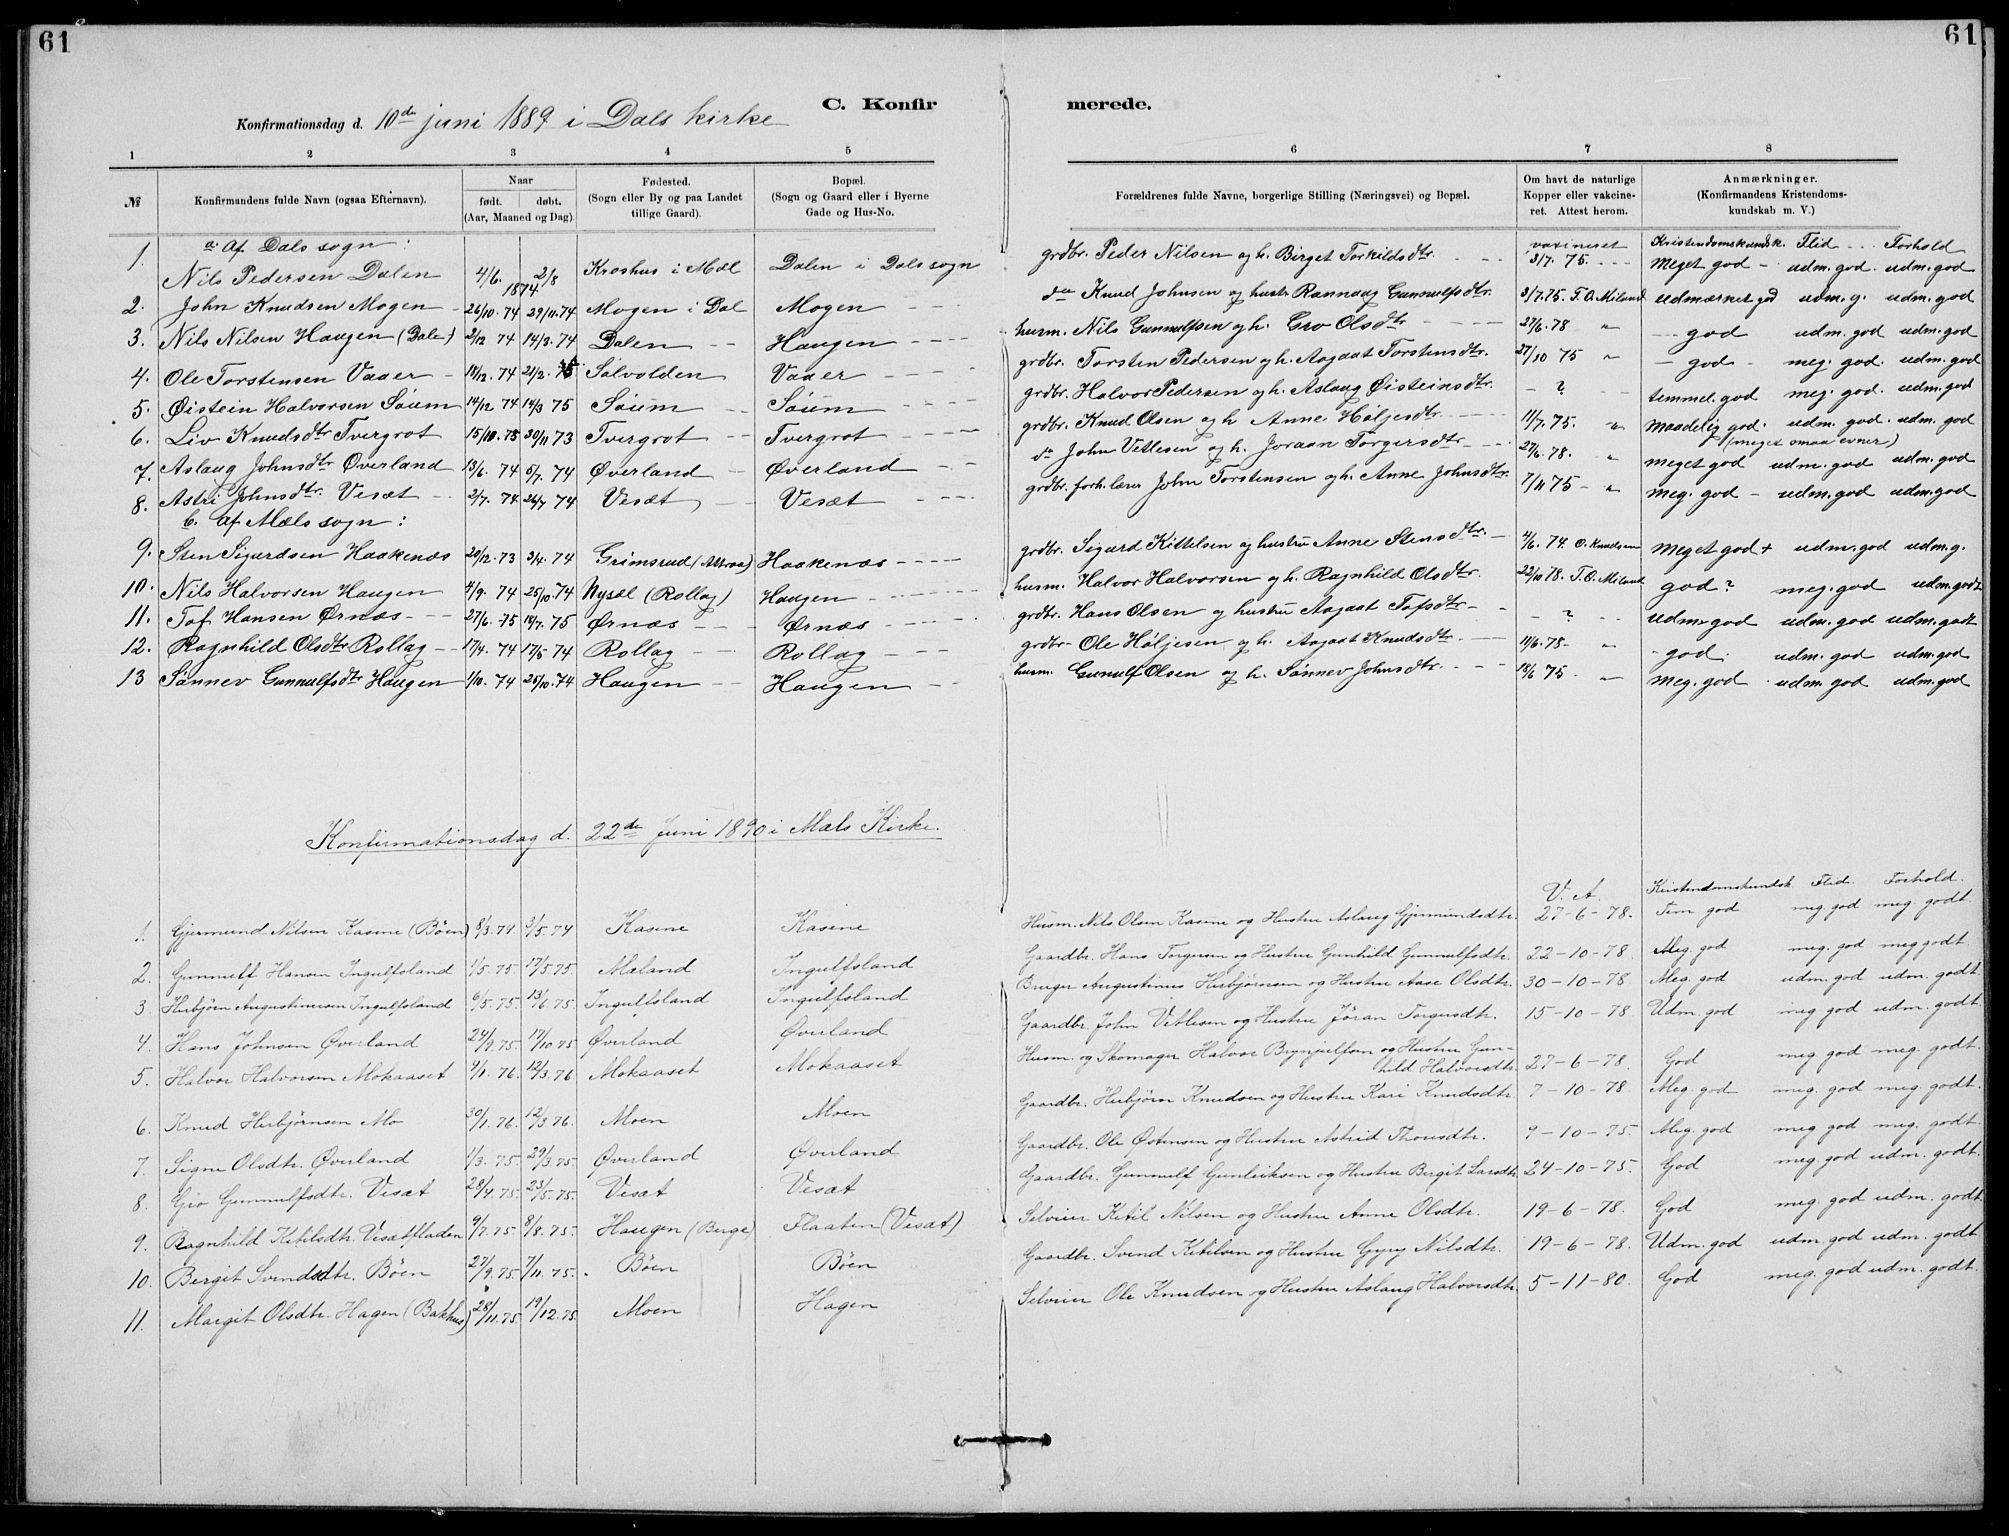 SAKO, Rjukan kirkebøker, G/Ga/L0001: Klokkerbok nr. 1, 1880-1914, s. 61